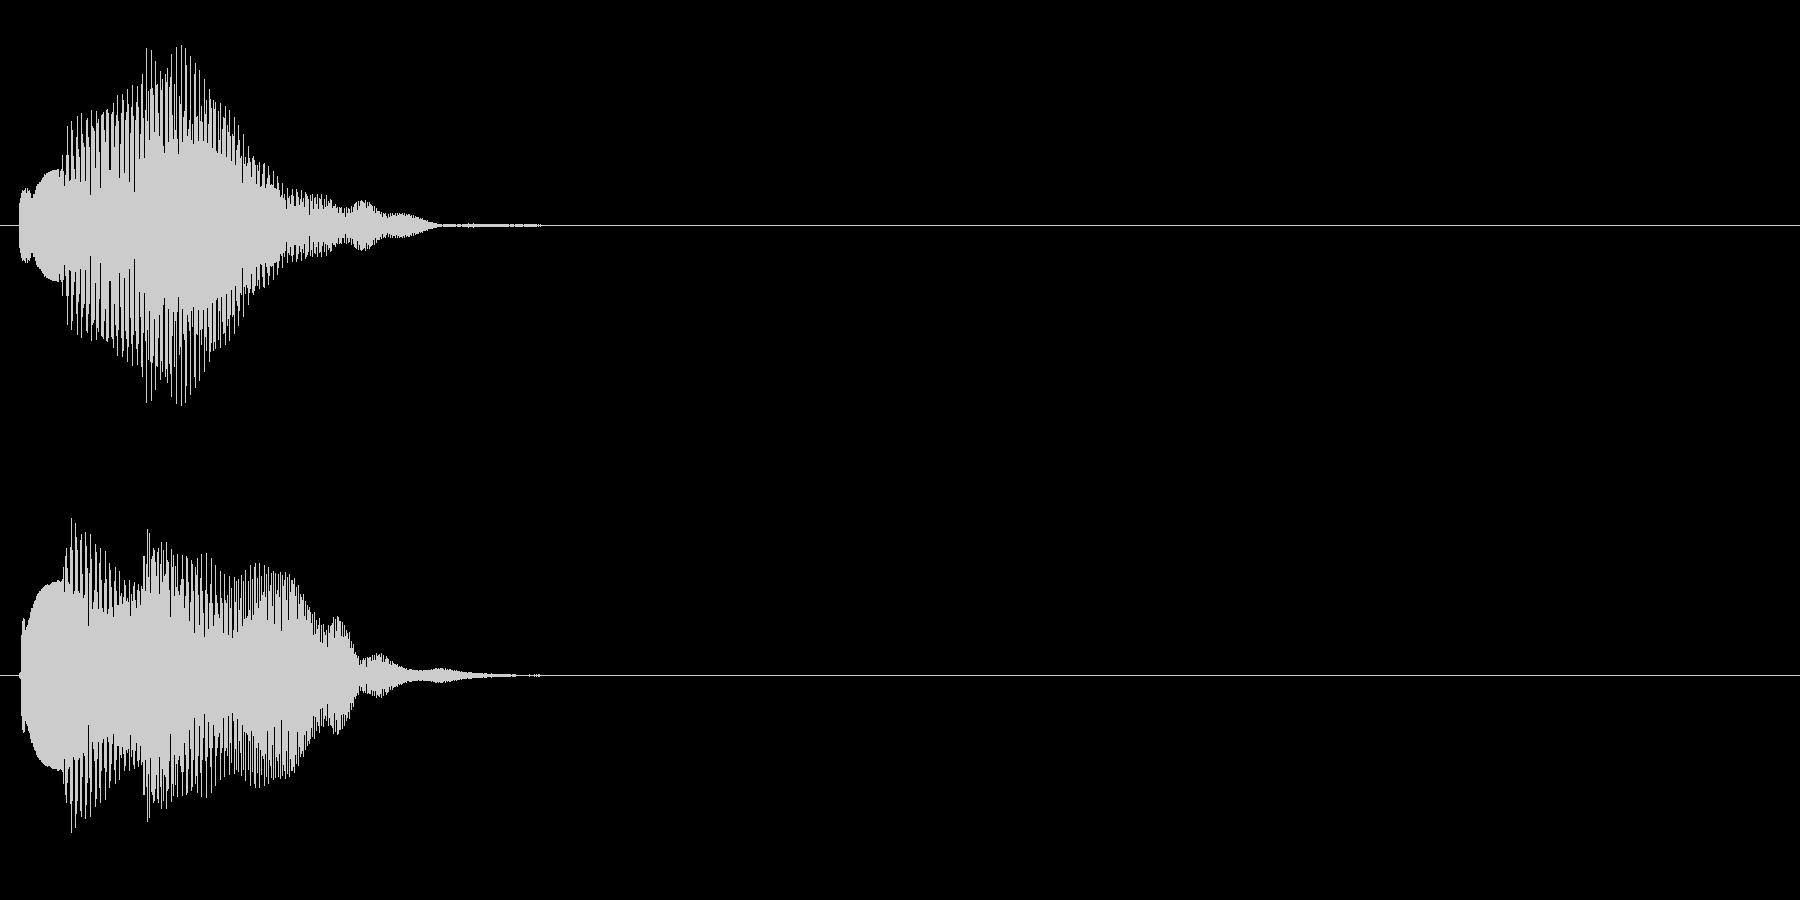 汎用 エレピ系05(中) アラート表示の未再生の波形